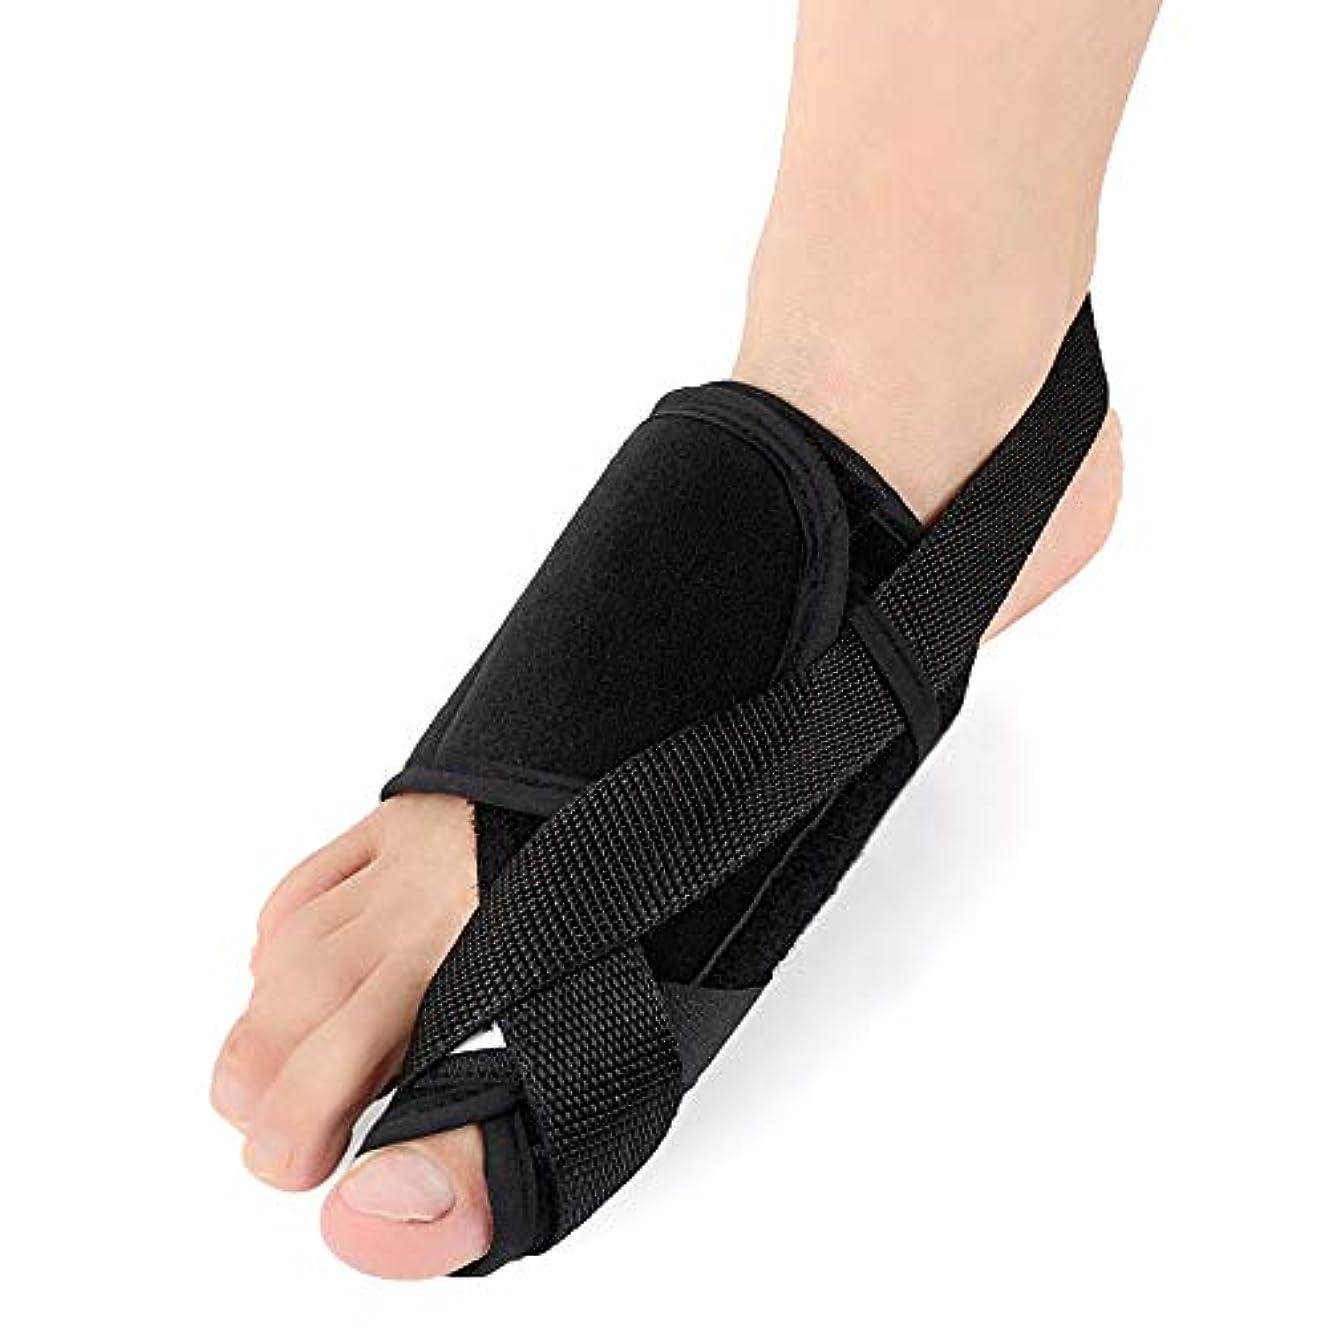 外反母趾足指セパレーターは足指重複嚢胞通気性吸収汗を防ぎヨガ後の痛みと変形を軽減,S